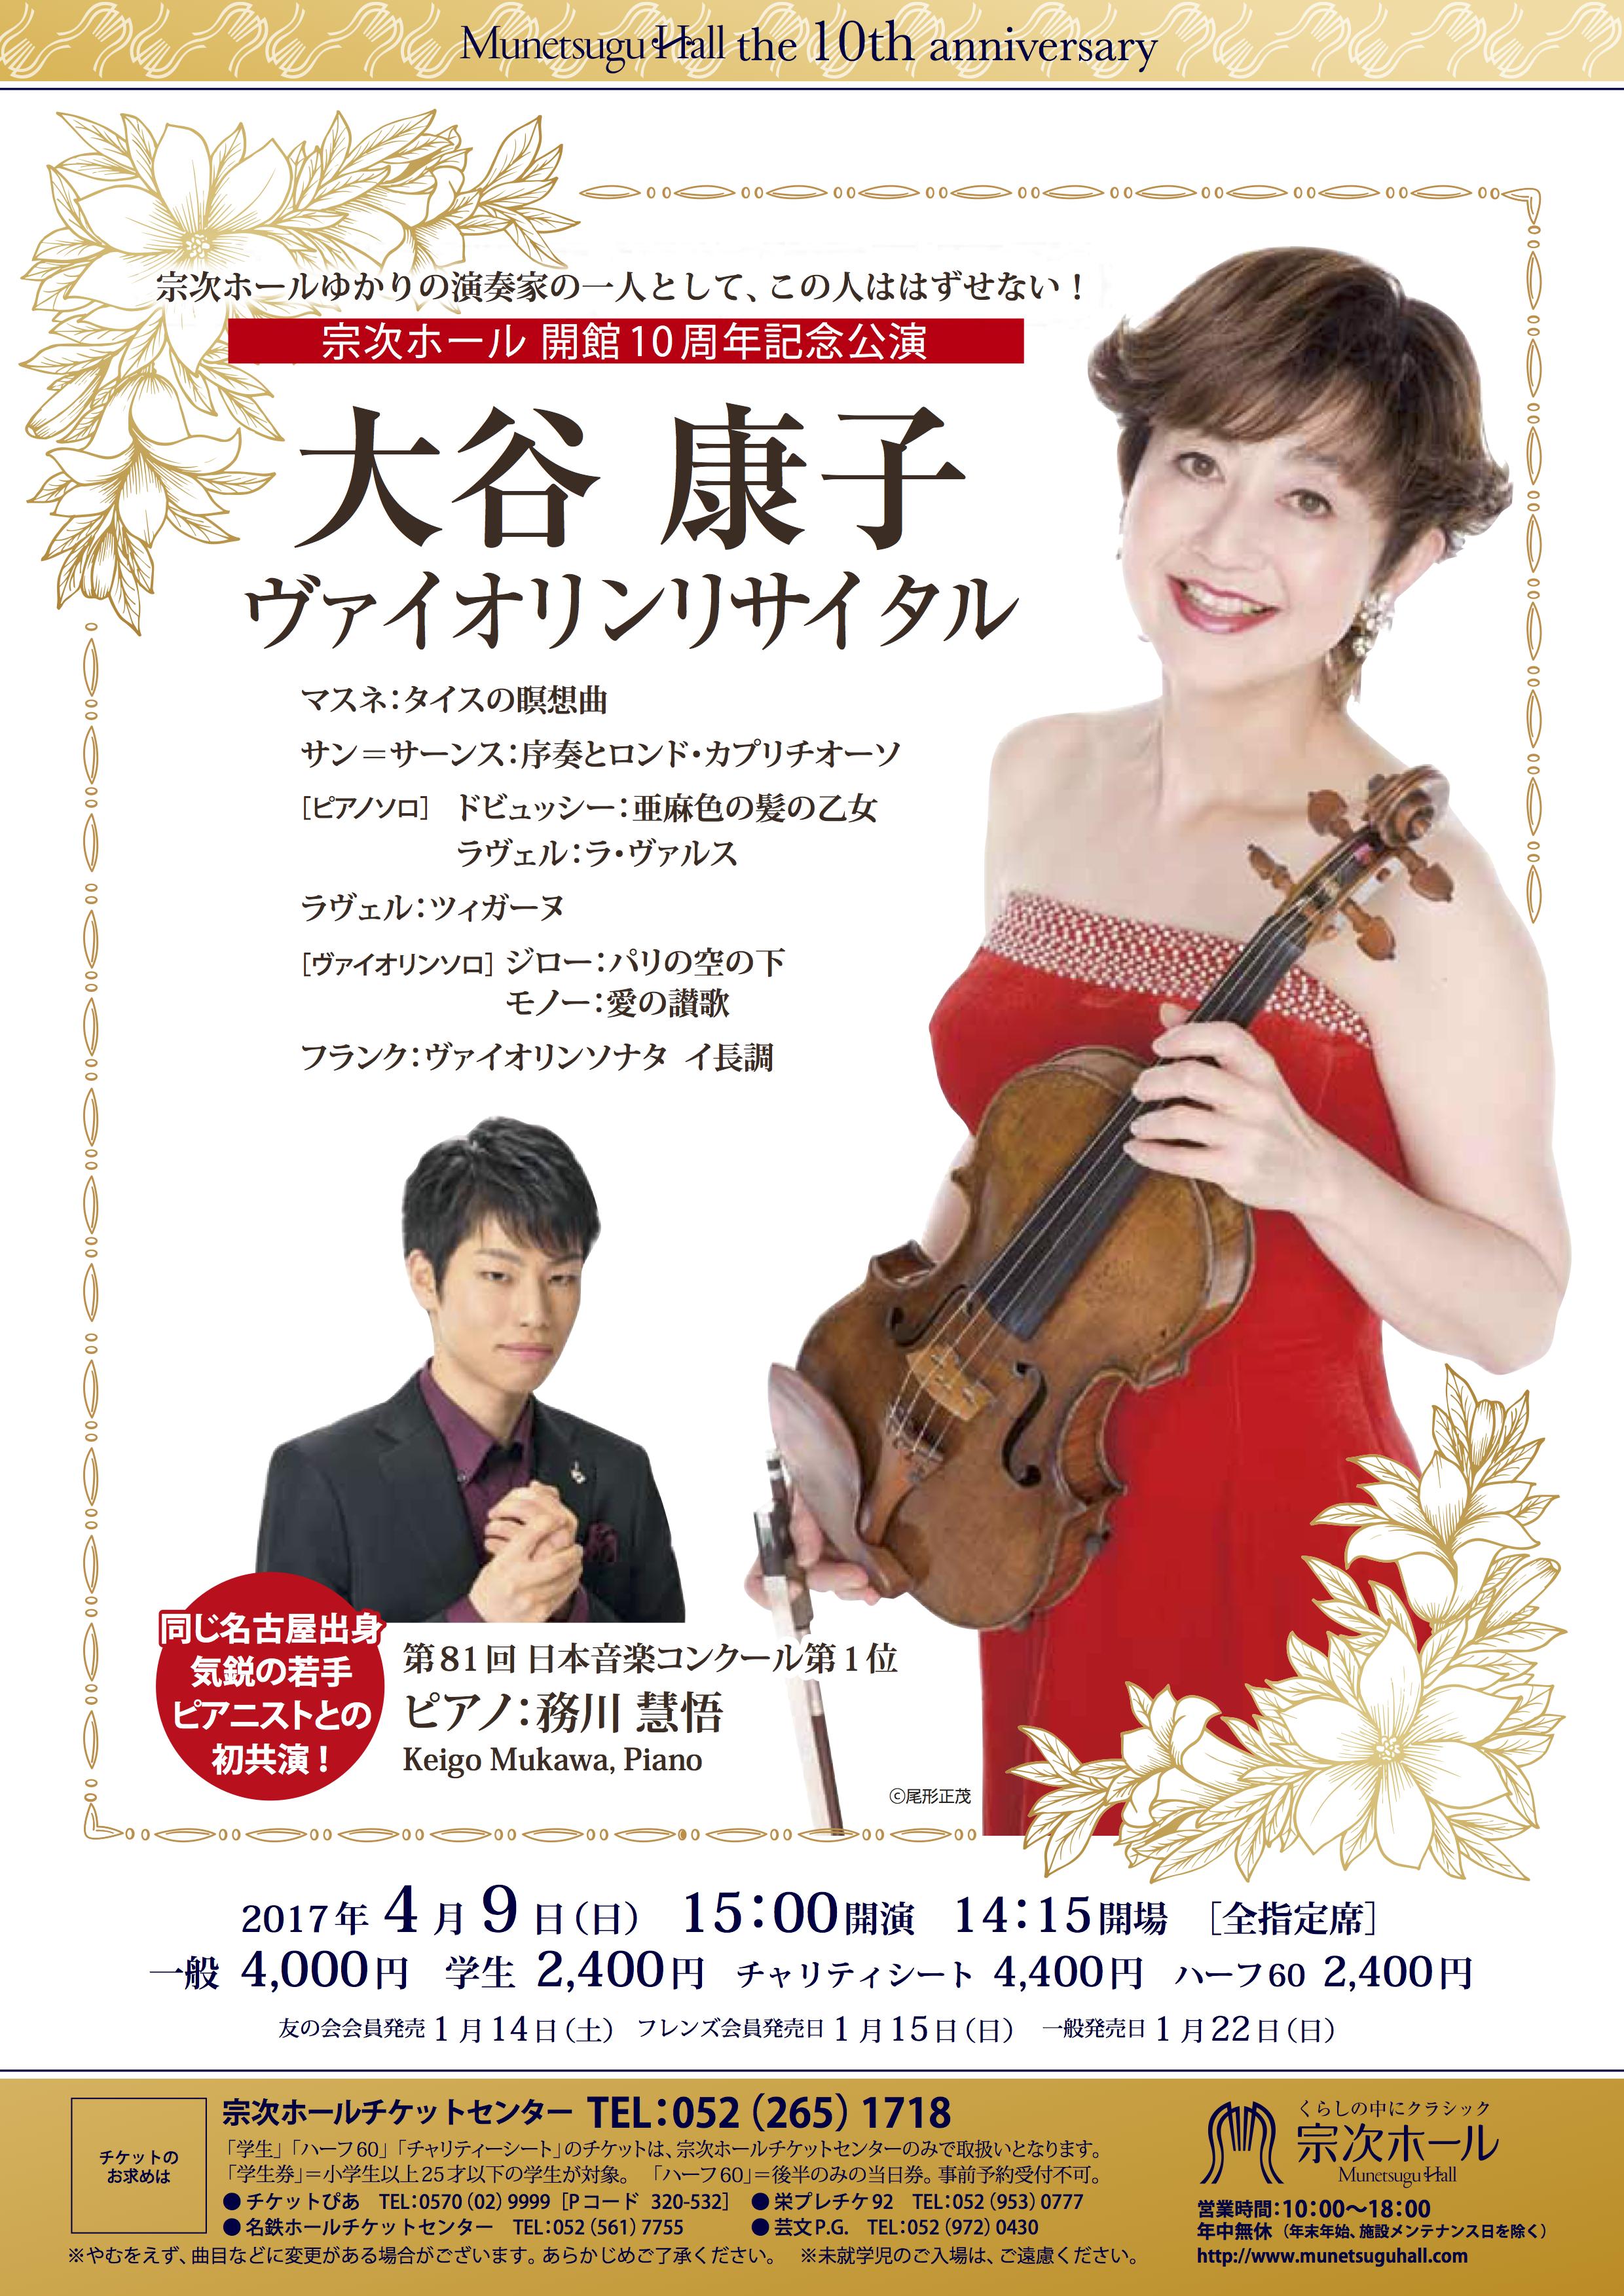 《宗次ホール開館10周年記念》 大谷康子 ヴァイオリンリサイタル